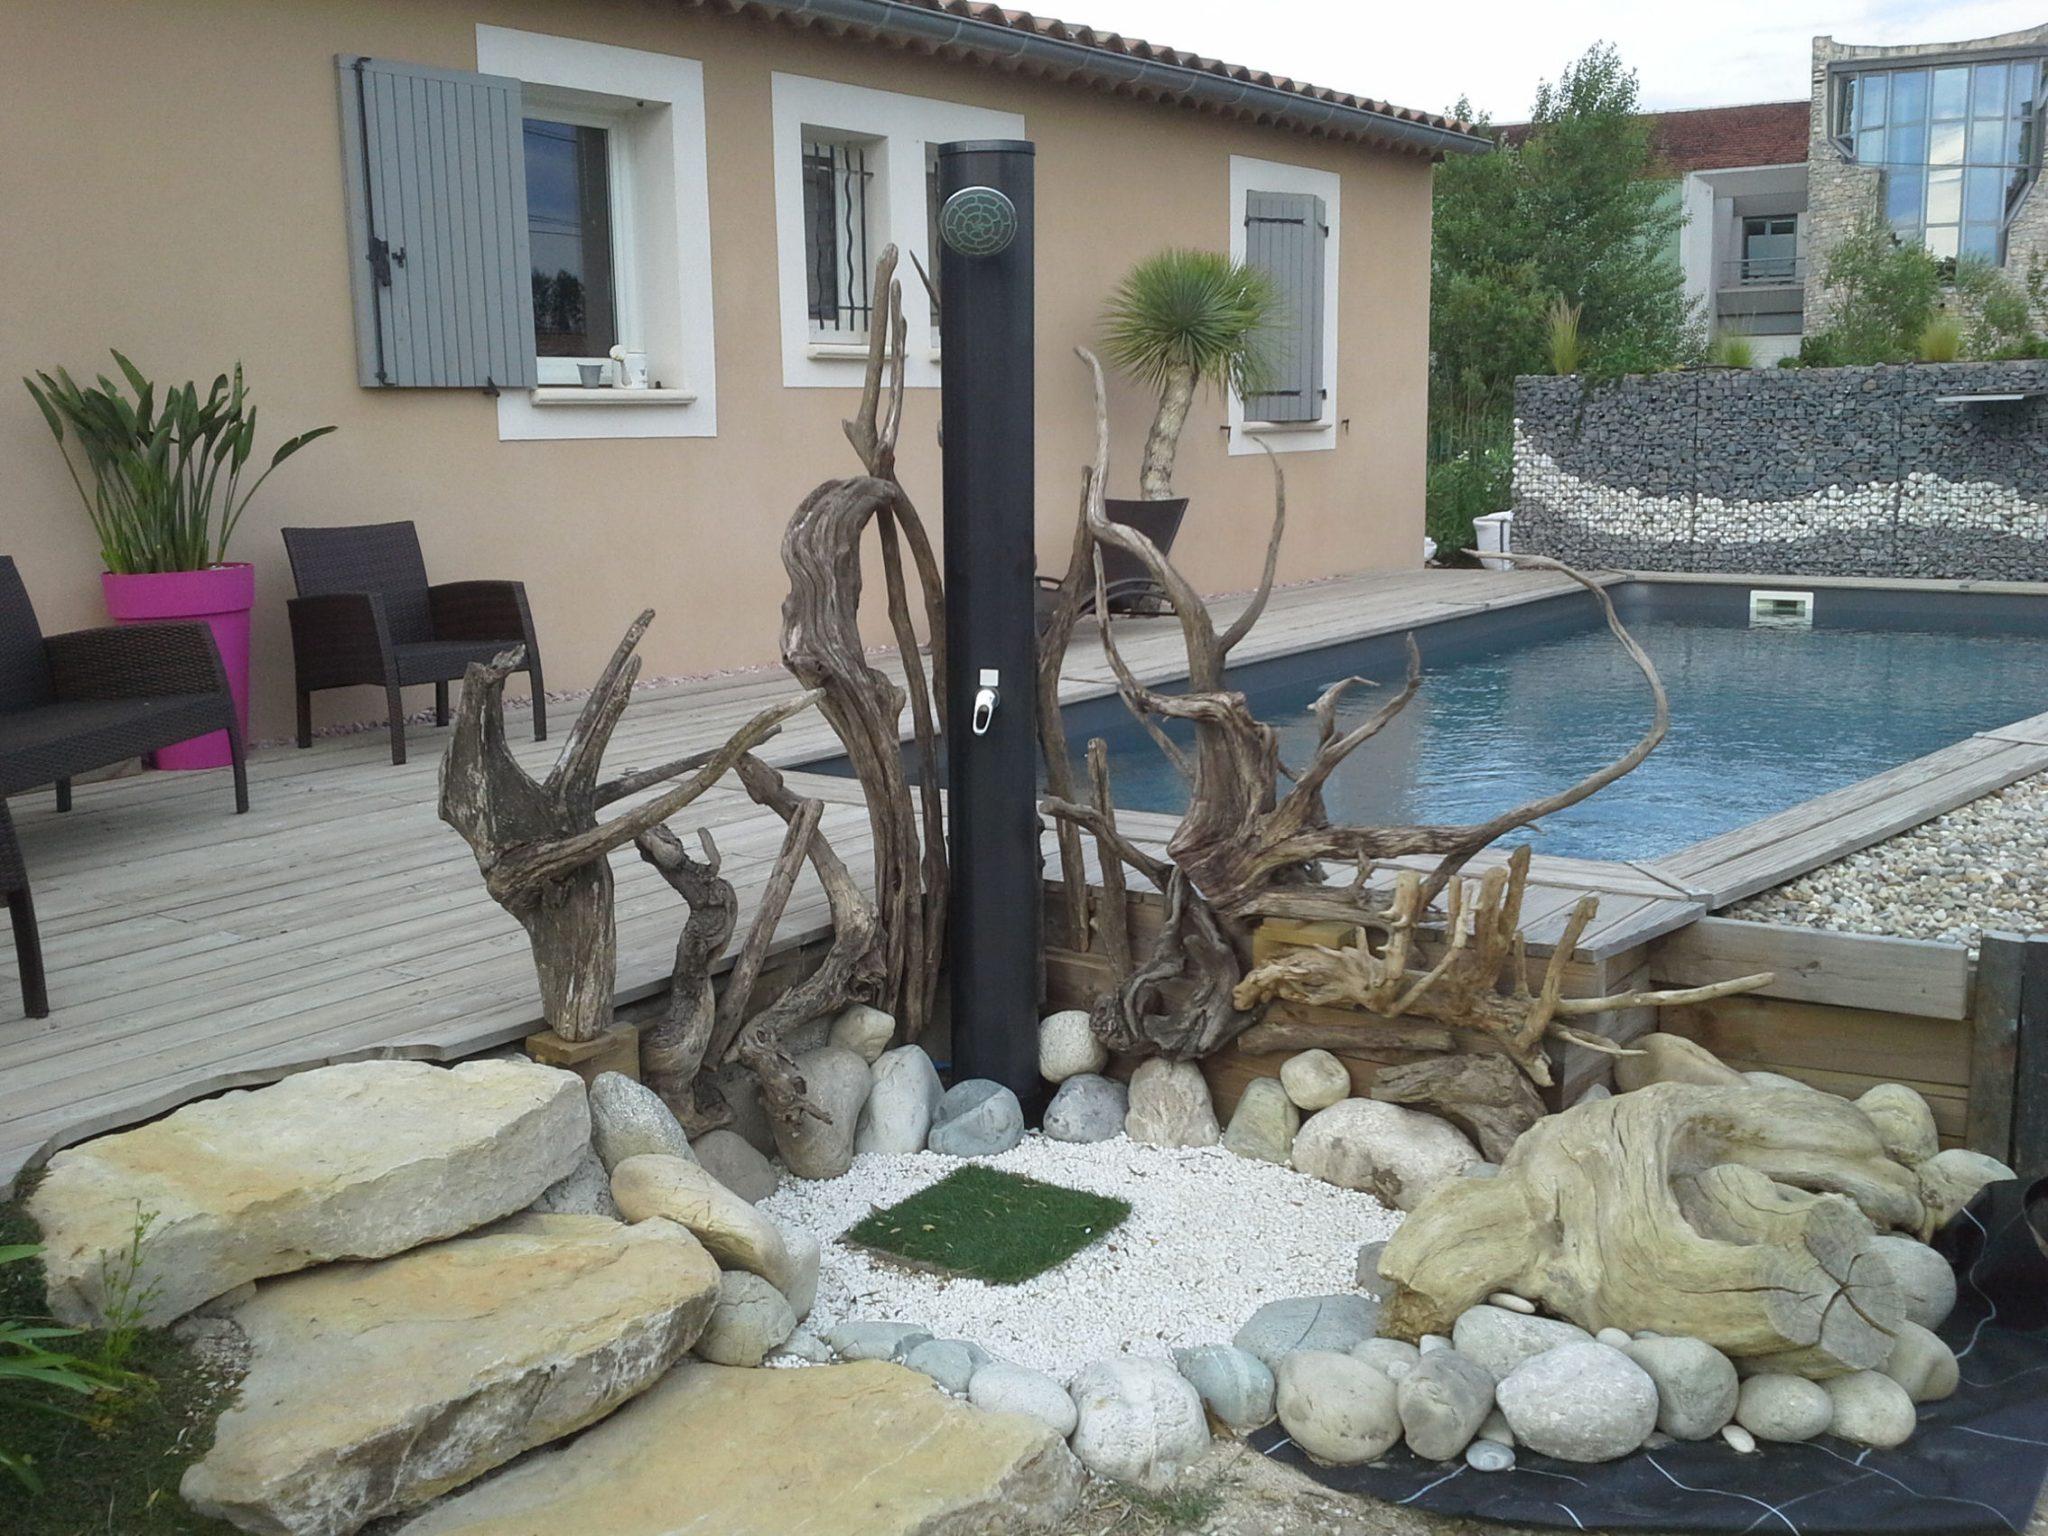 Bois decoration exterieur mc immo for Decoration exterieur bois flotte